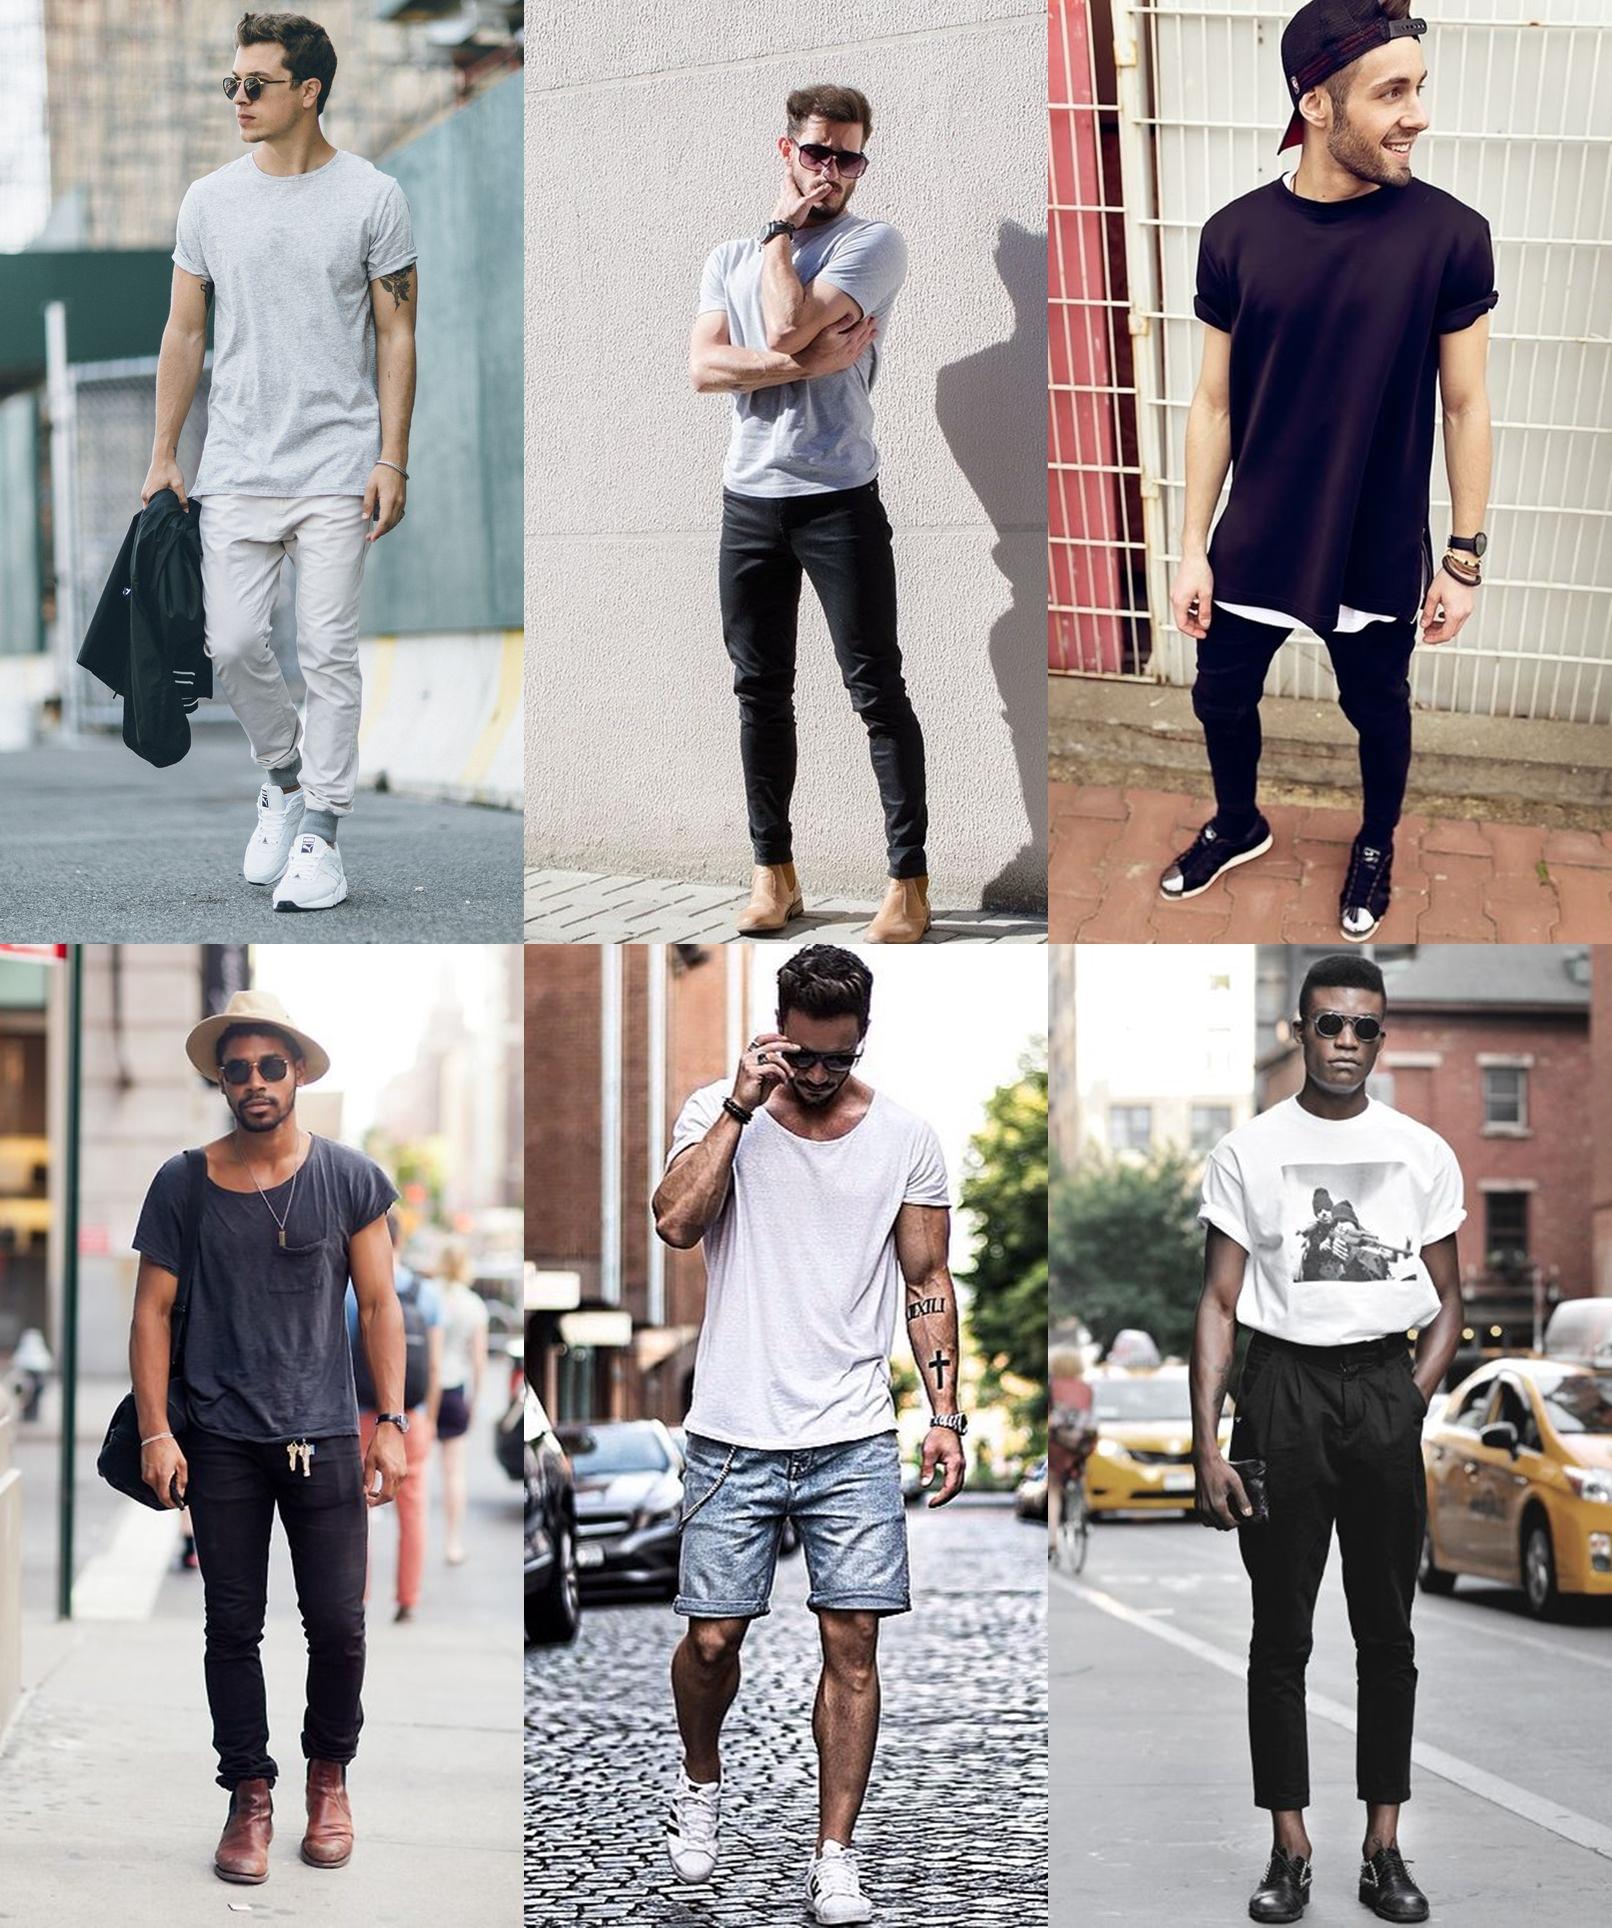 como-usar-basico-estilo-basico-masculino-como-ser-estiloso-como-ter-estilo-dicas-de-moda-alex-cursino-moda-sem-censura-blog-de-moda-menswear-style-basic-style-fashion-tips-2